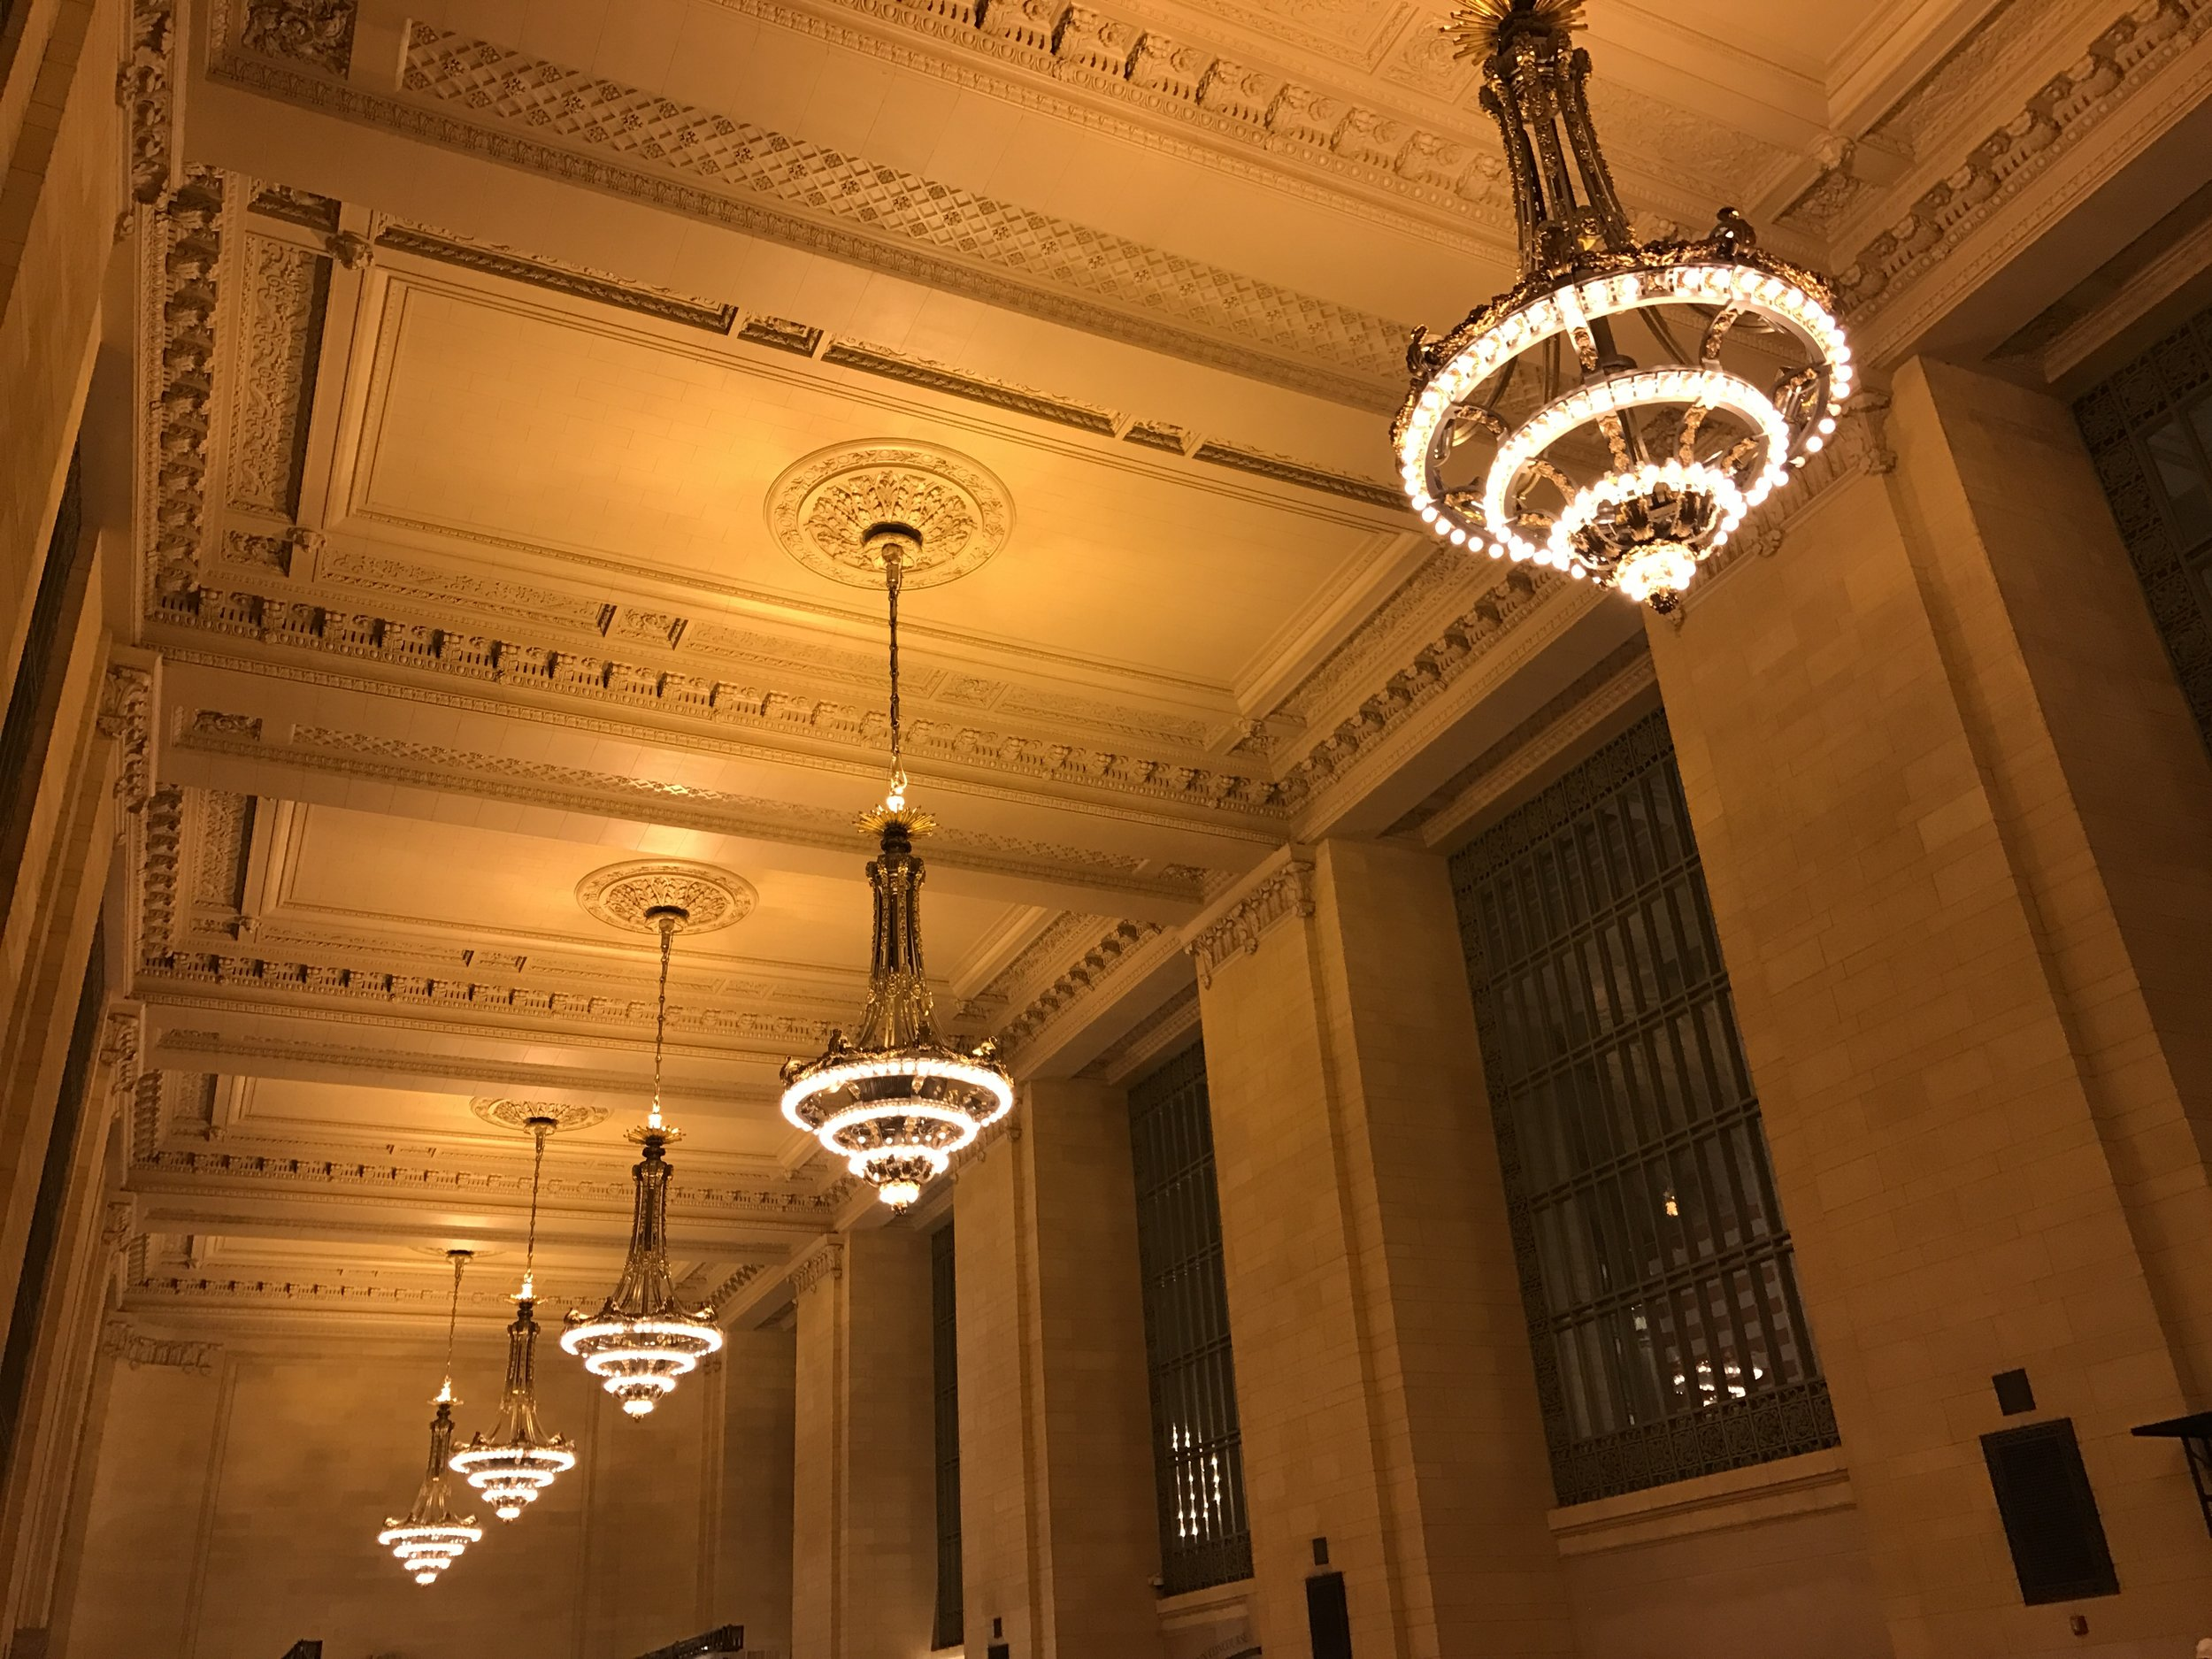 Details inside Grand Central Station